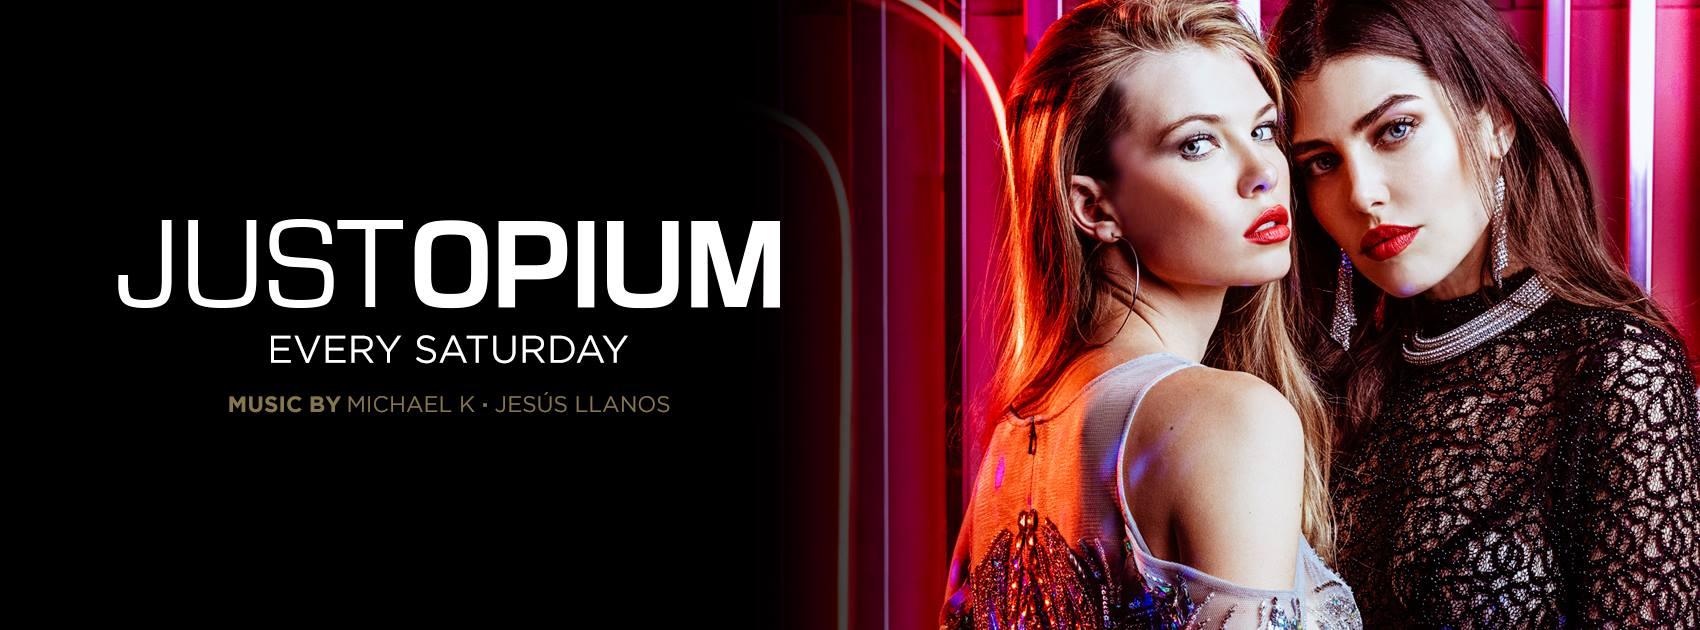 Just Opium - Club Opium Madrid